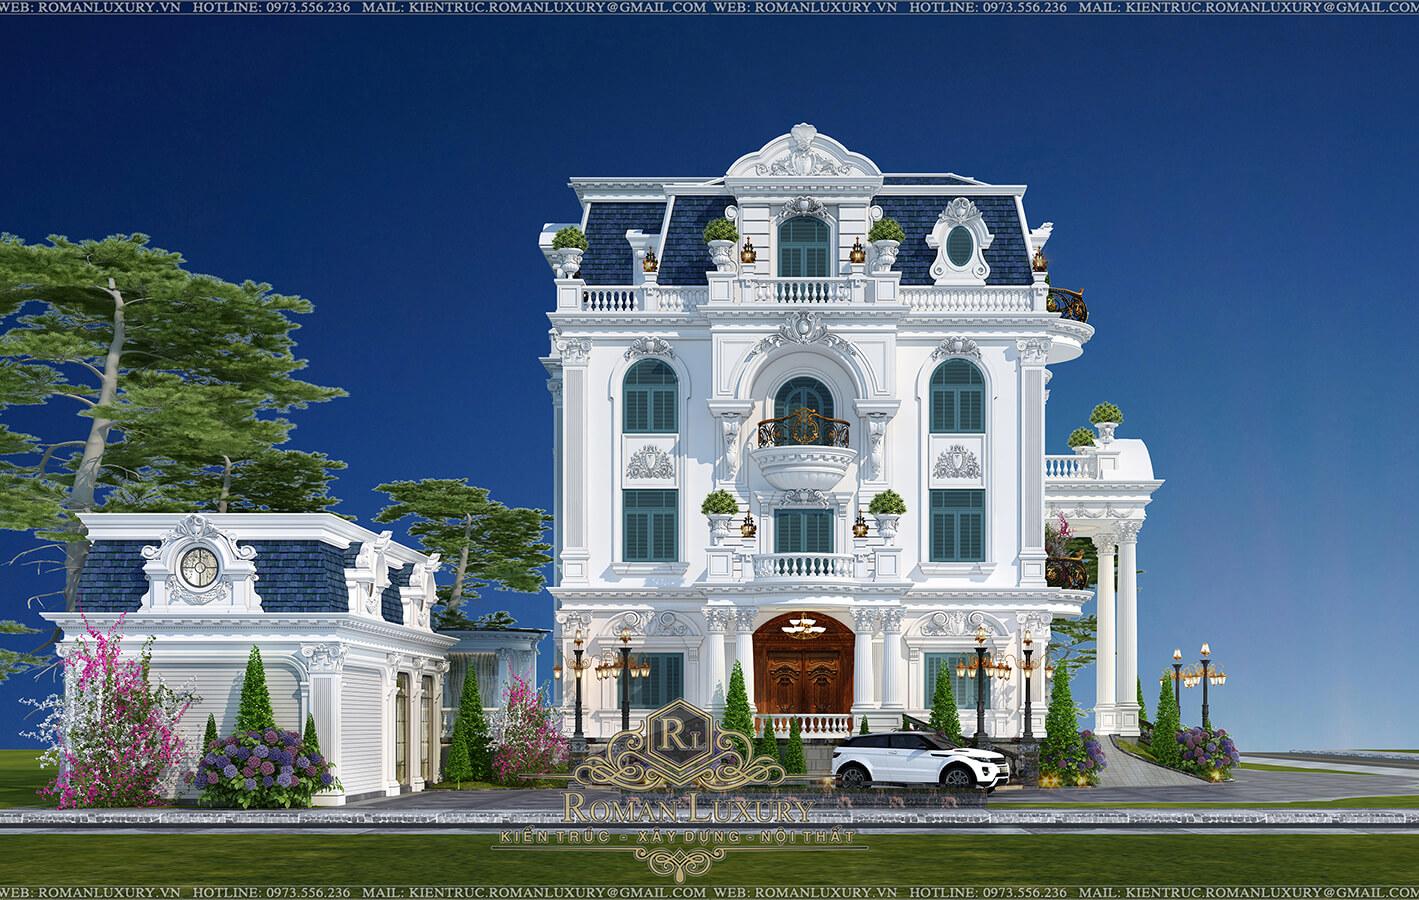 mặt tiền biệt thự cổ điển 4 tầng 4